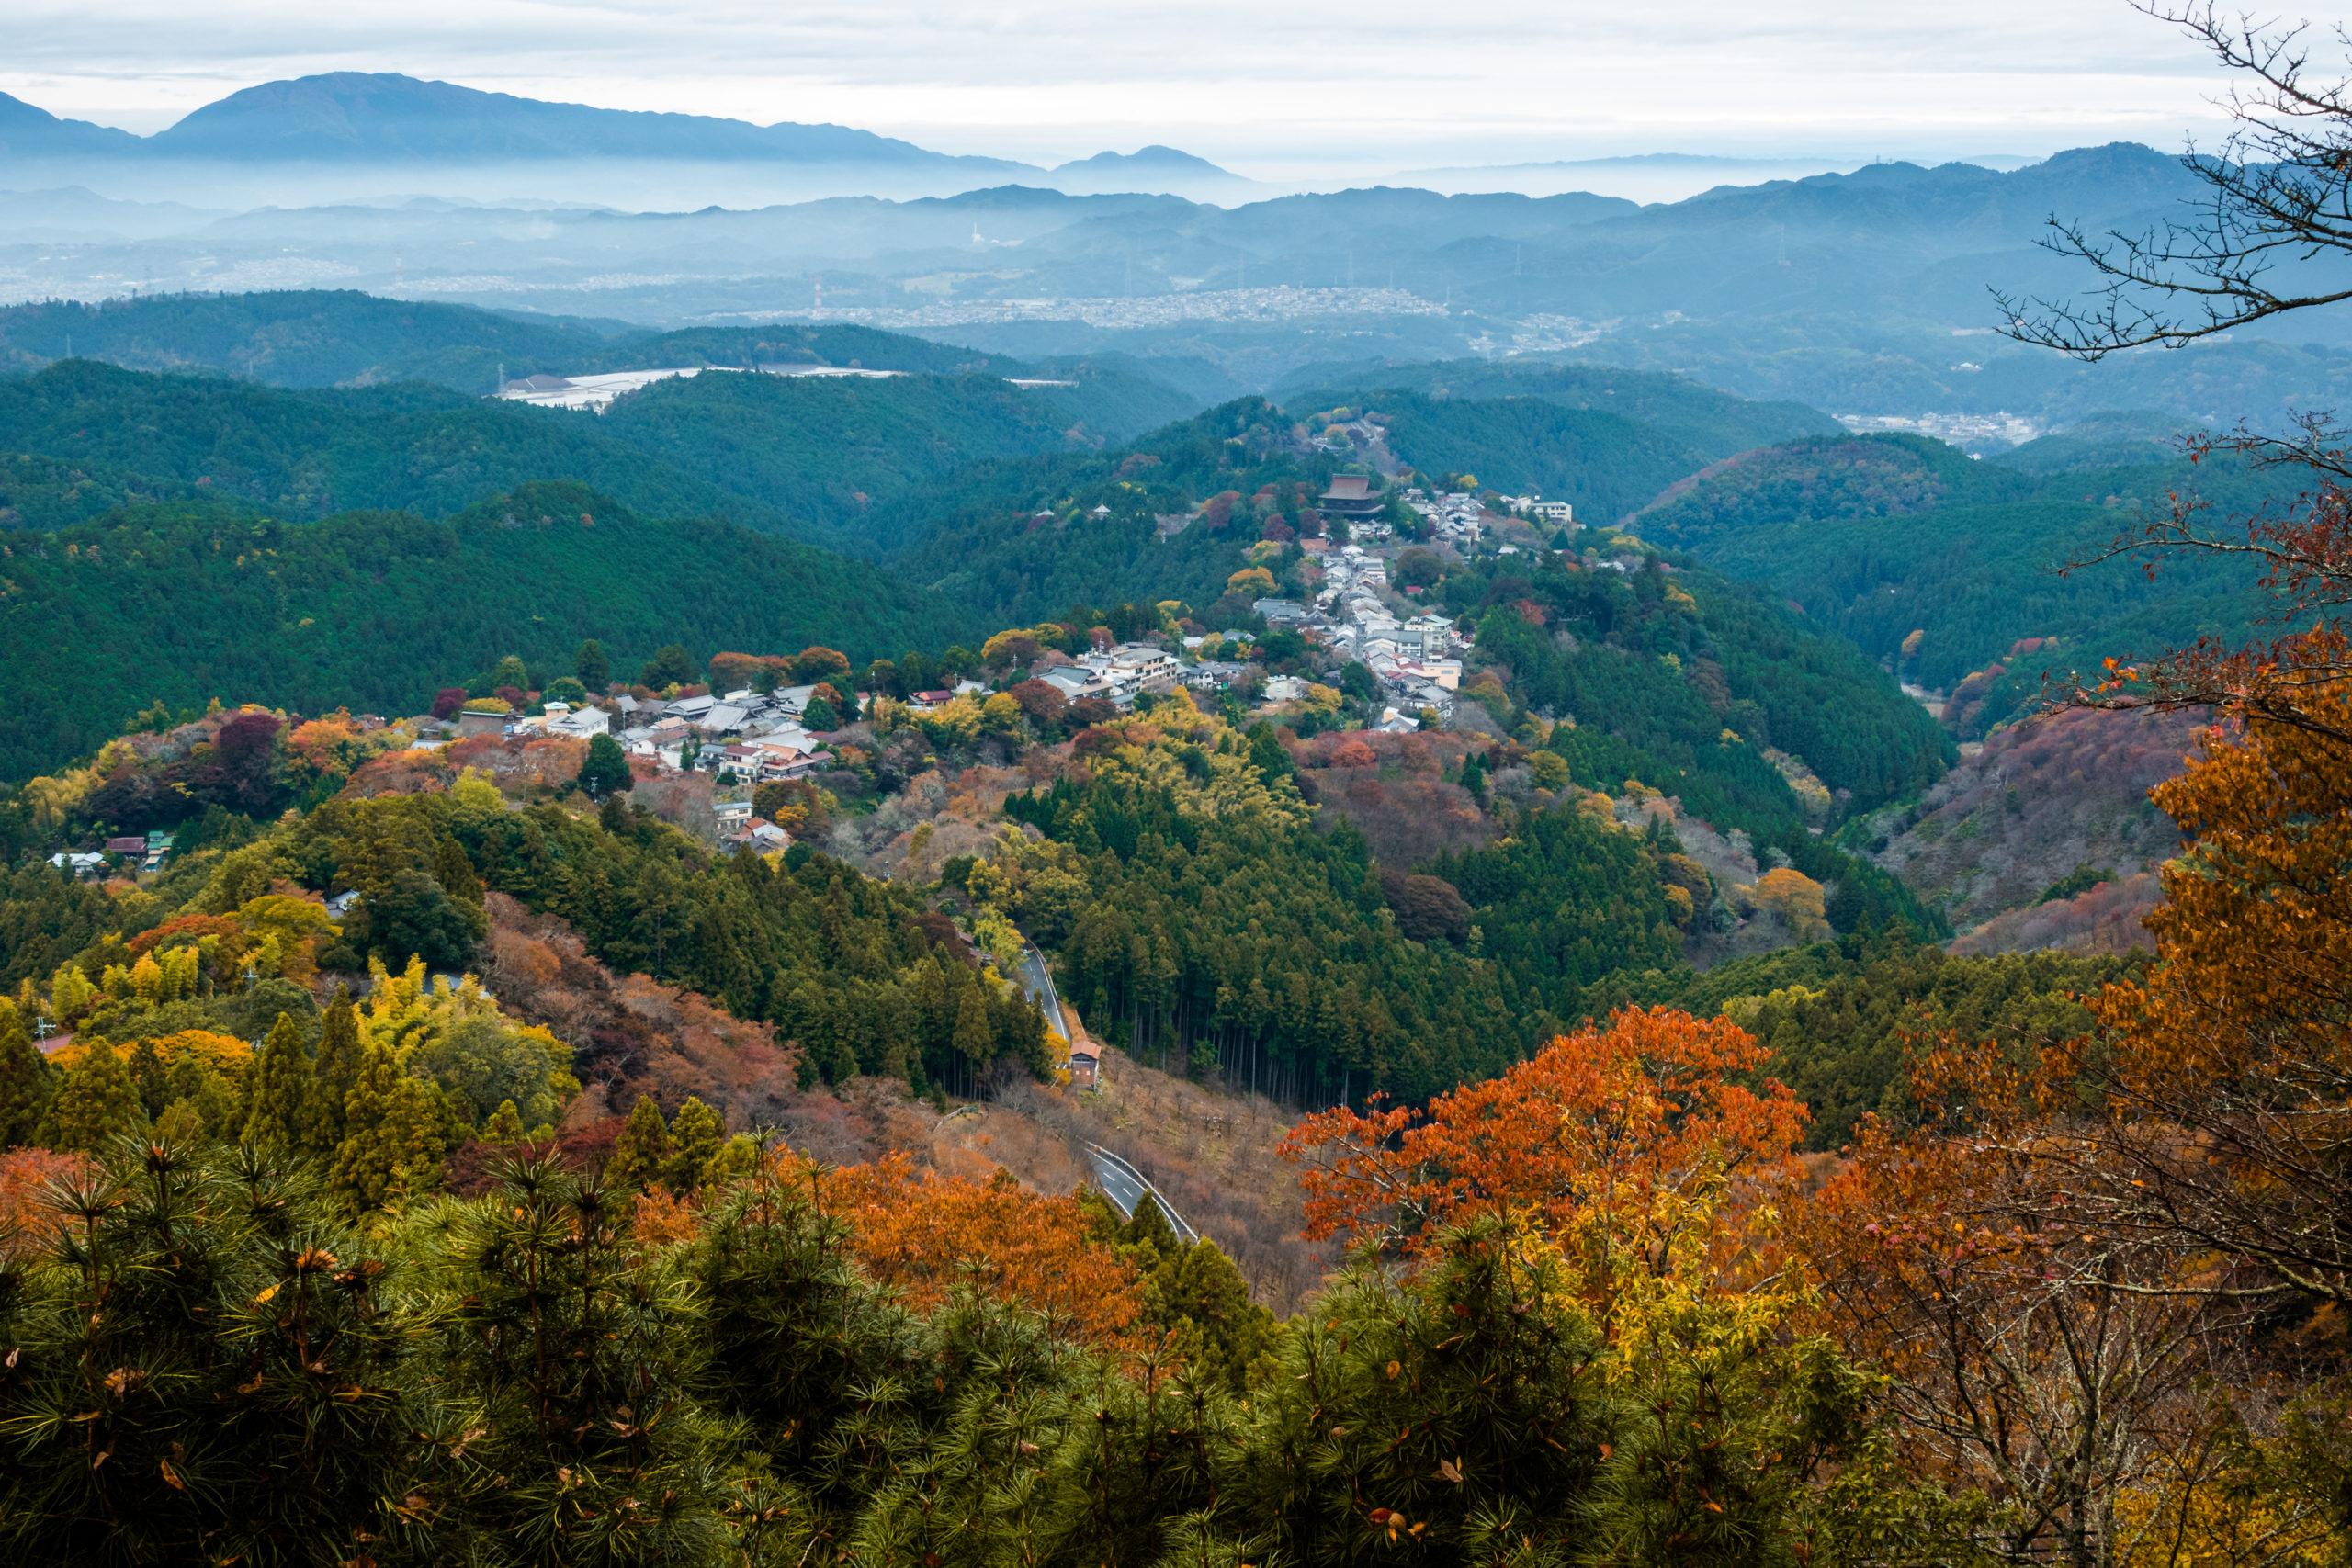 DSC00097-scaled 奈良県  吉野山(山が紅葉に染まる秋におすすめの絶景スポット! 撮影した写真の紹介、アクセス情報や駐車場情報など)